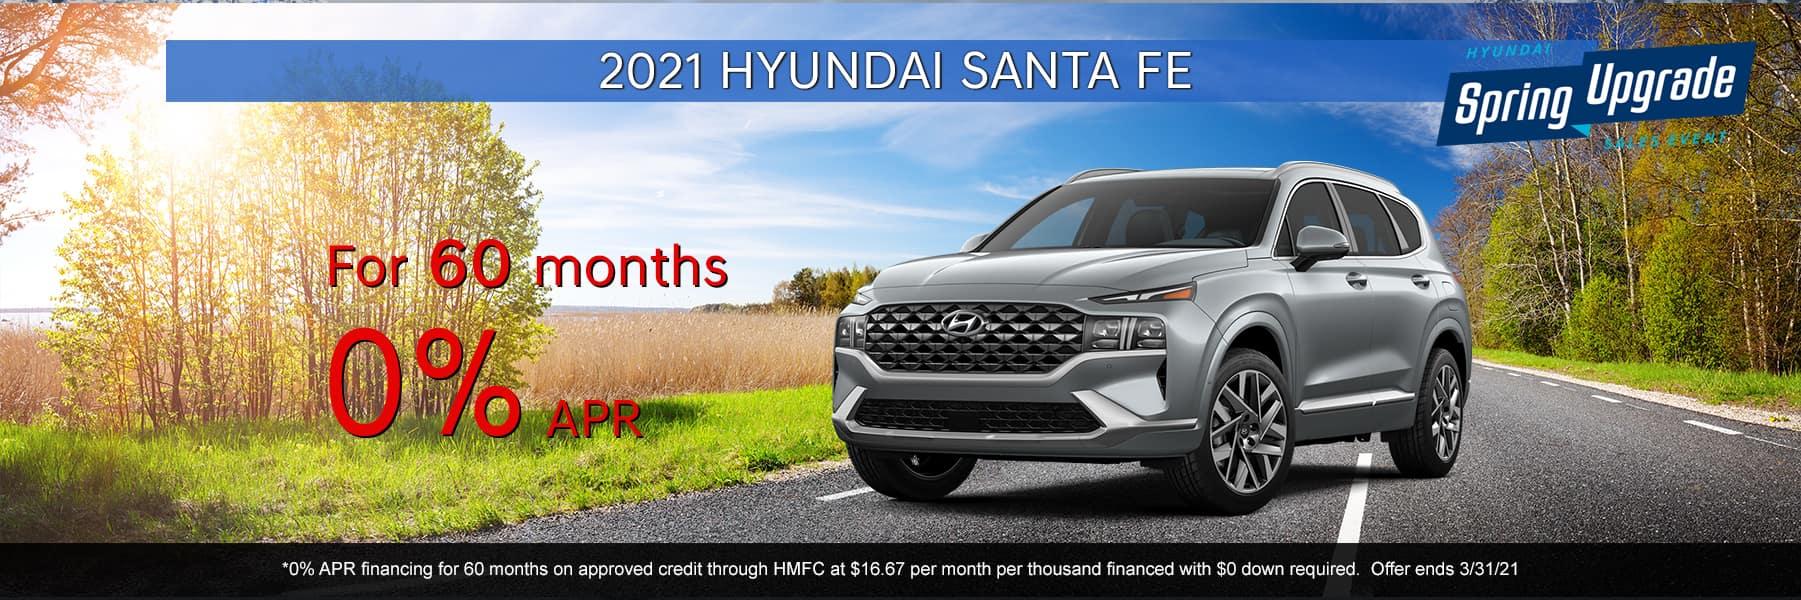 2021-Hyundai-Santa-Fe-Mar2021